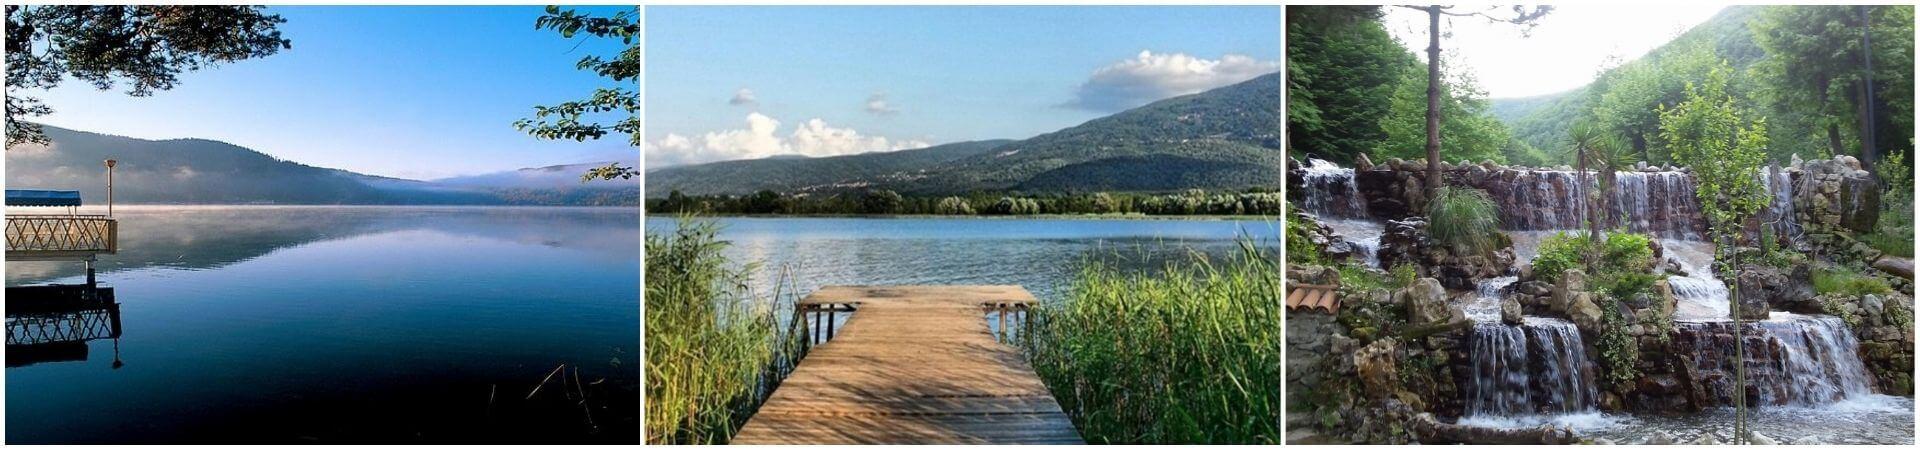 Excursión de un día al lago Sapanca y Masukiye desde Estambul